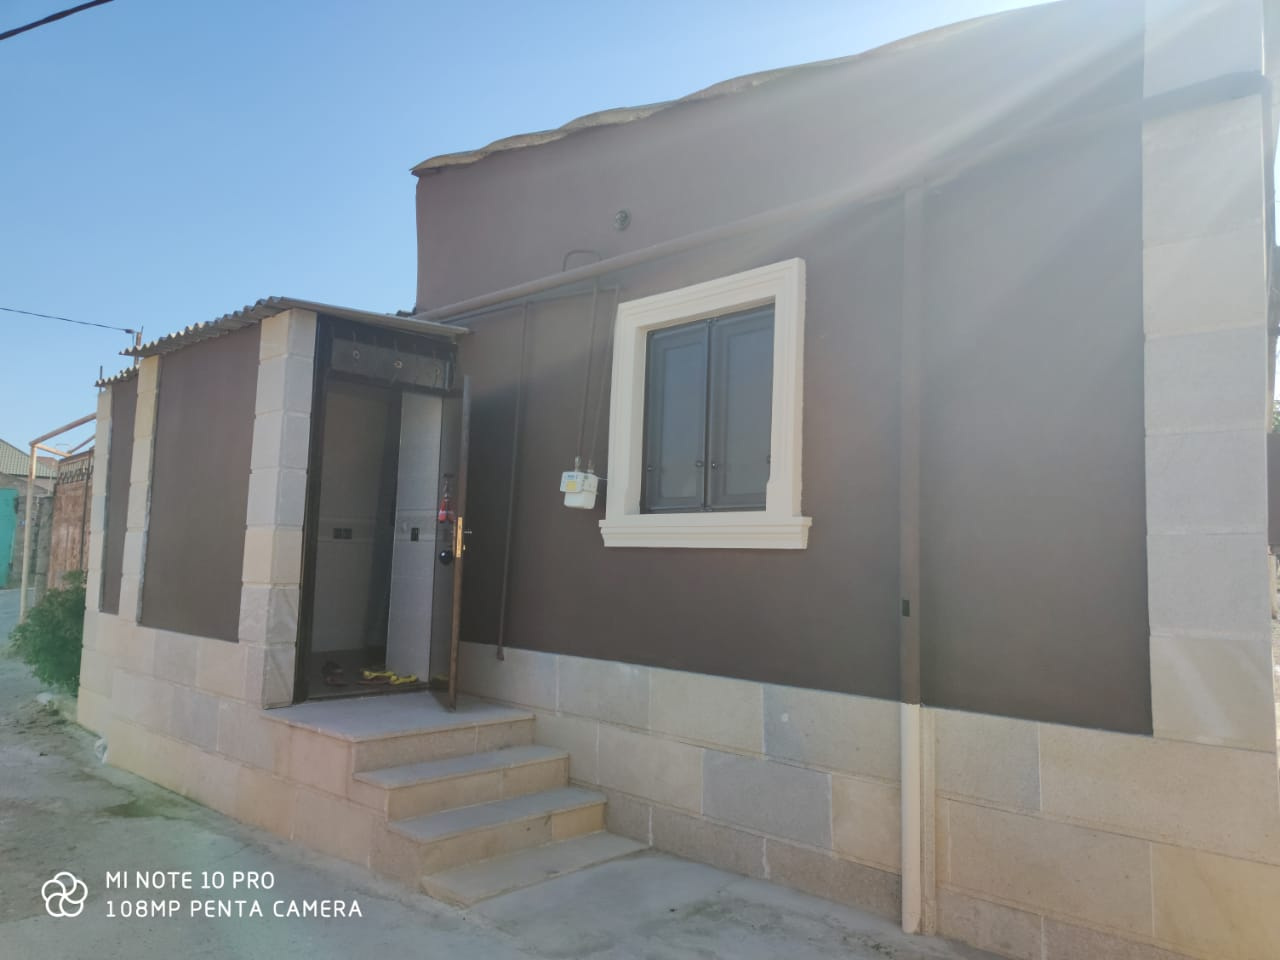 Suraxanı rayonu Qaraçuxur qəsəbəsində 66 nöm marşurut